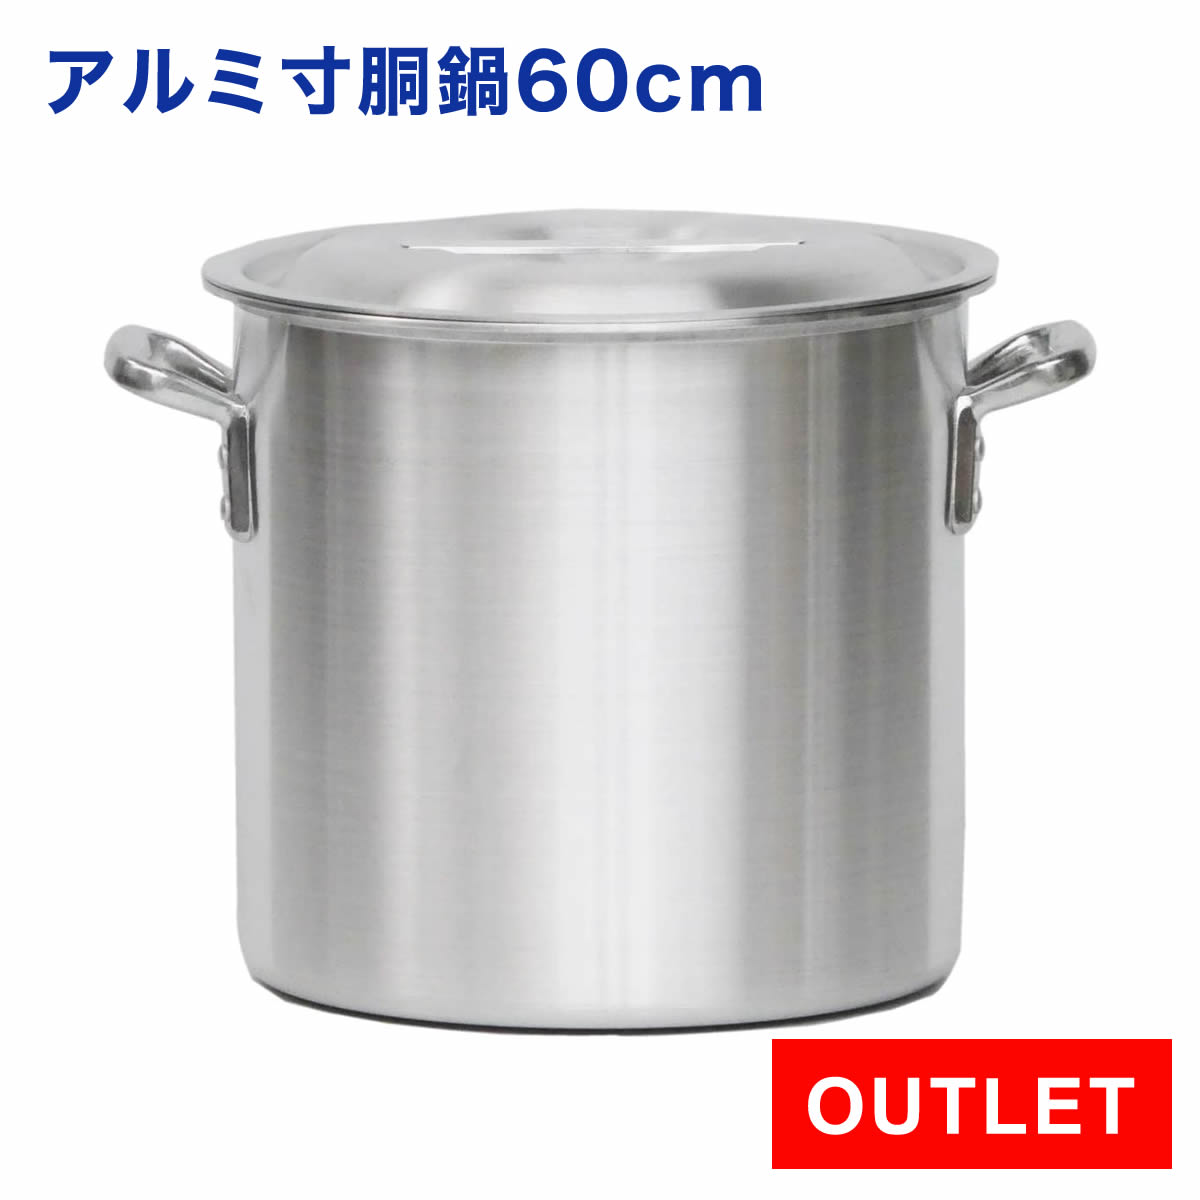 【アウトレット  未使用品】業務用 アルミ寸胴鍋 プレミア  60cm